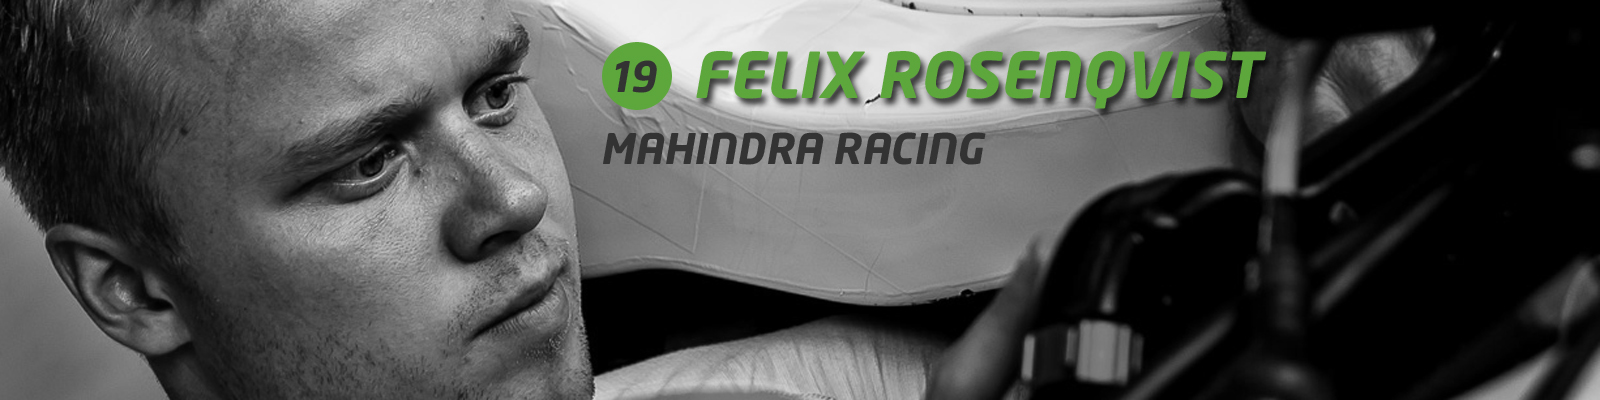 Felix Rosenqvist_neu